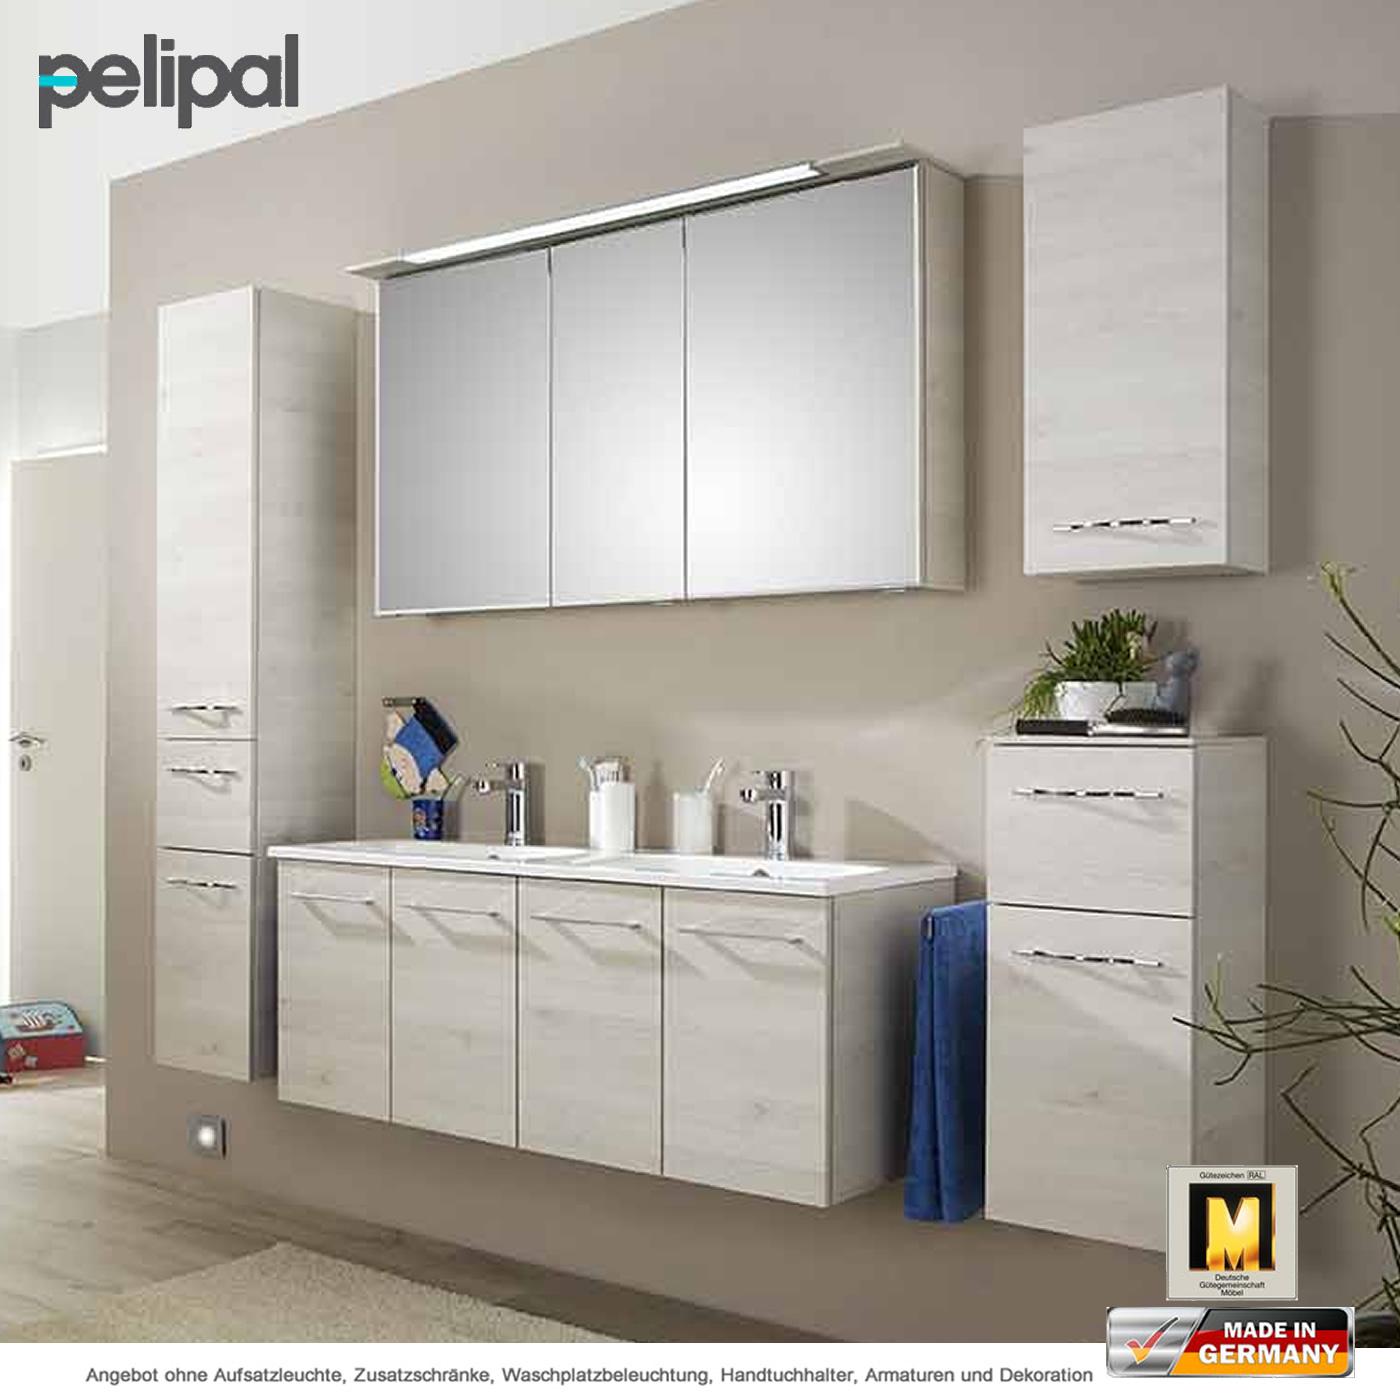 Erstaunlich Badmöbel Set Ideen Von Pelipal Solitaire 6110 Badmöbelset 120 Cm Doppelwaschtischset